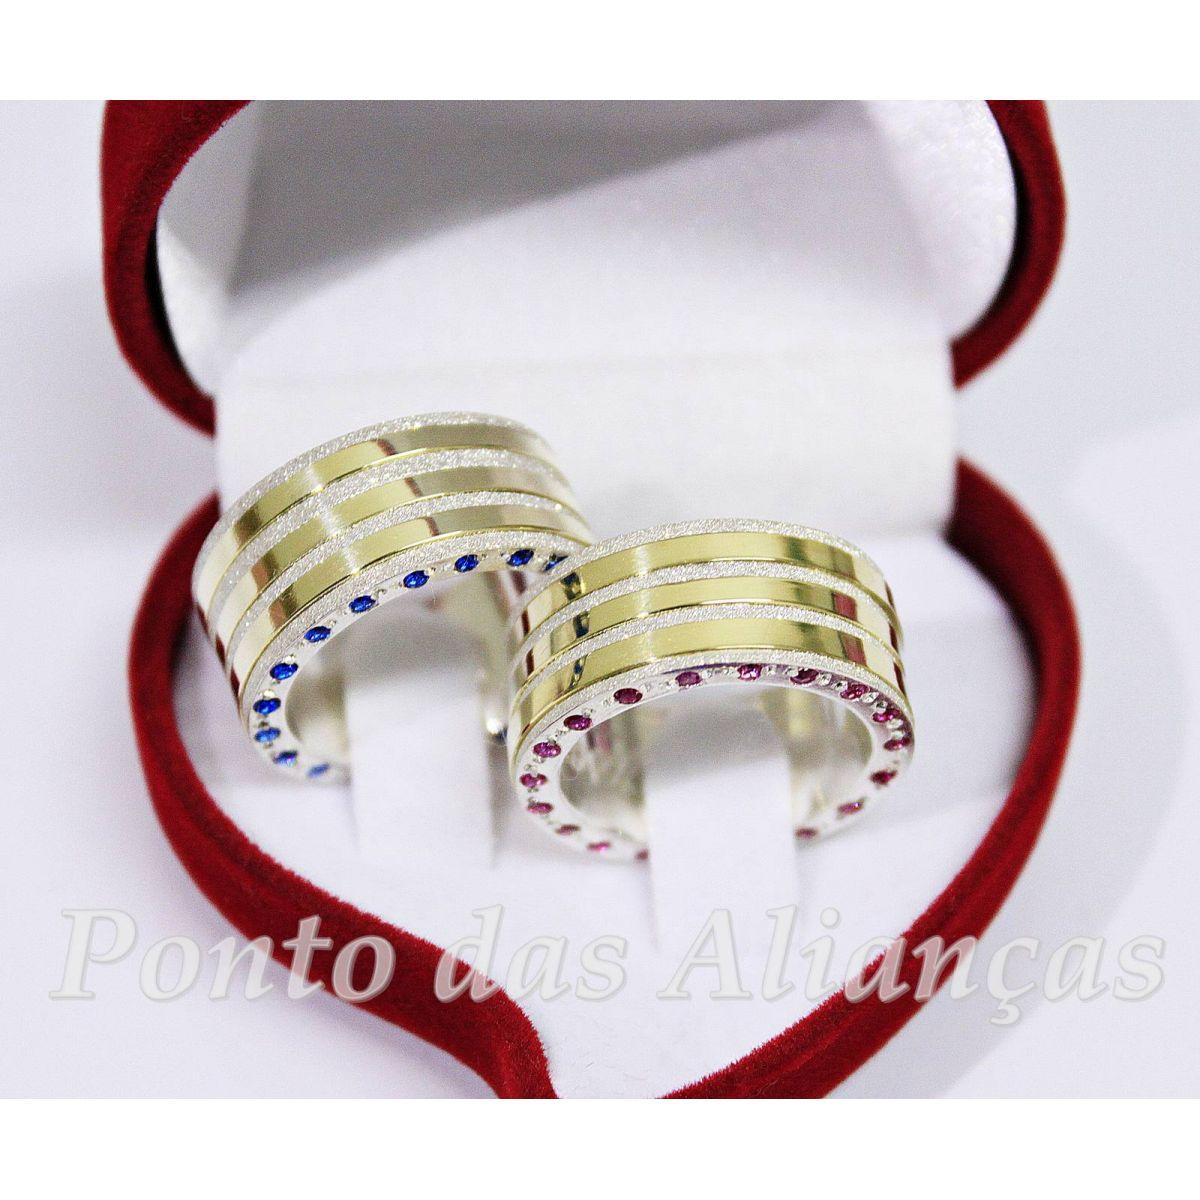 Alianças de Prata e Ouro Casamento Noivado  - 3041